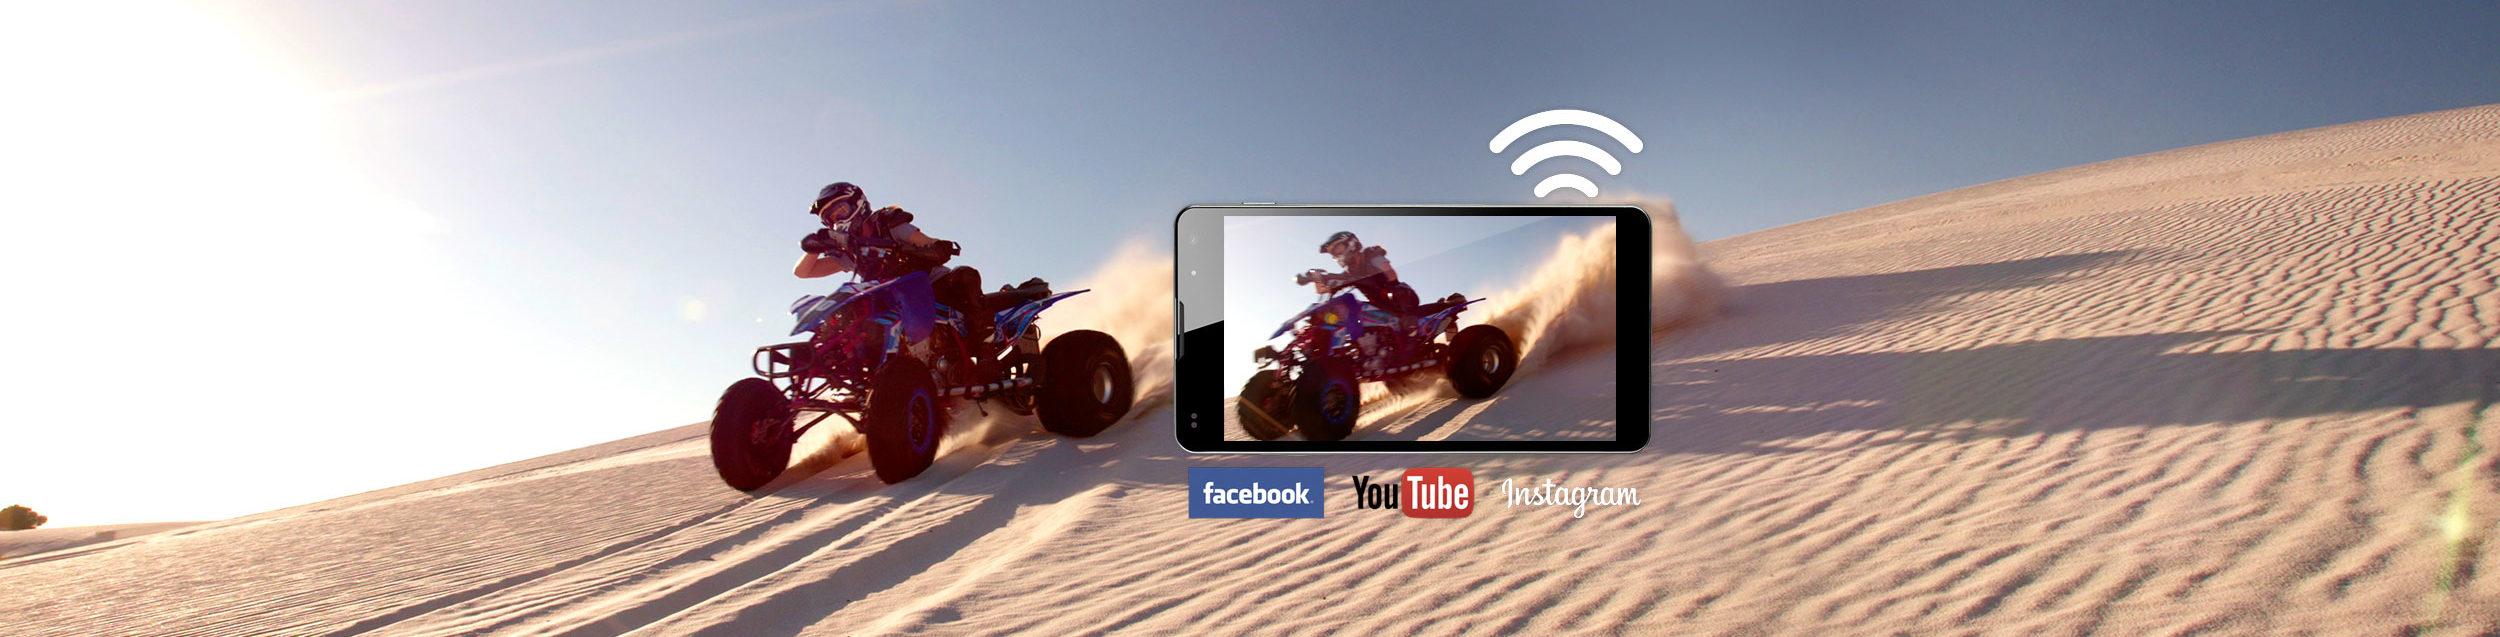 GoXtreme WiFi Social Media